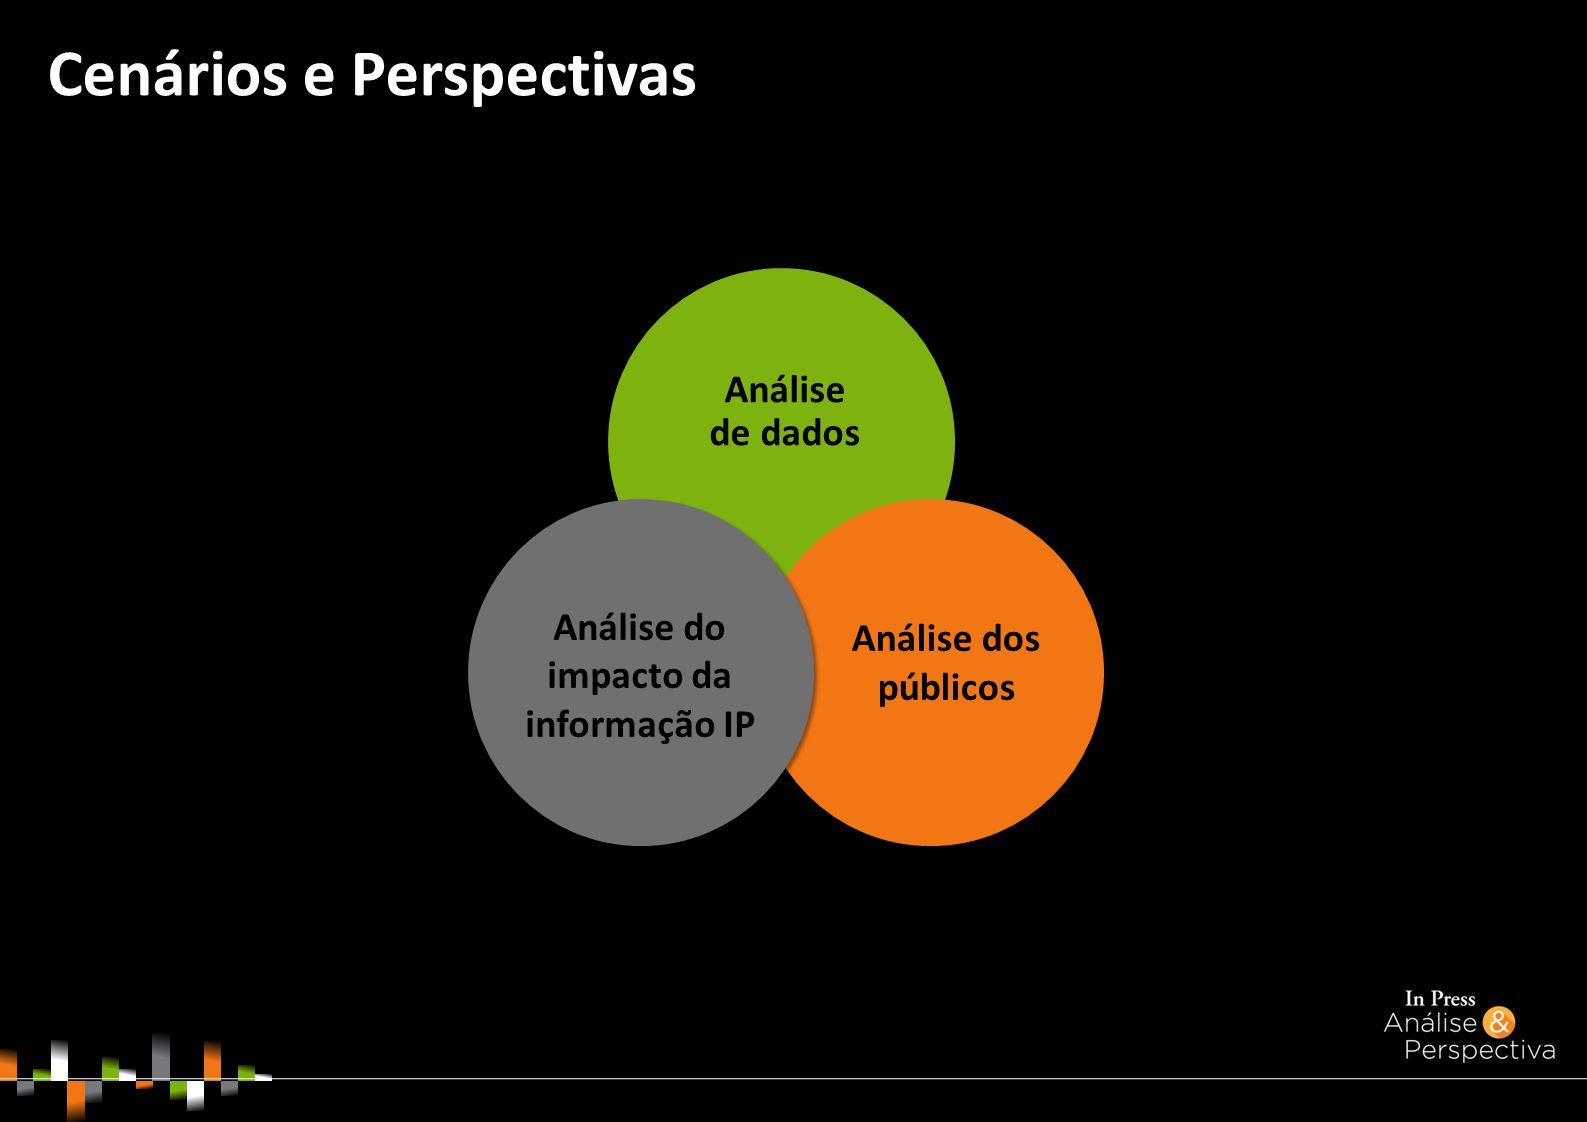 Cenários e Perspectivas Análise de dados Análise do impacto da informação IP Análise dos públicos